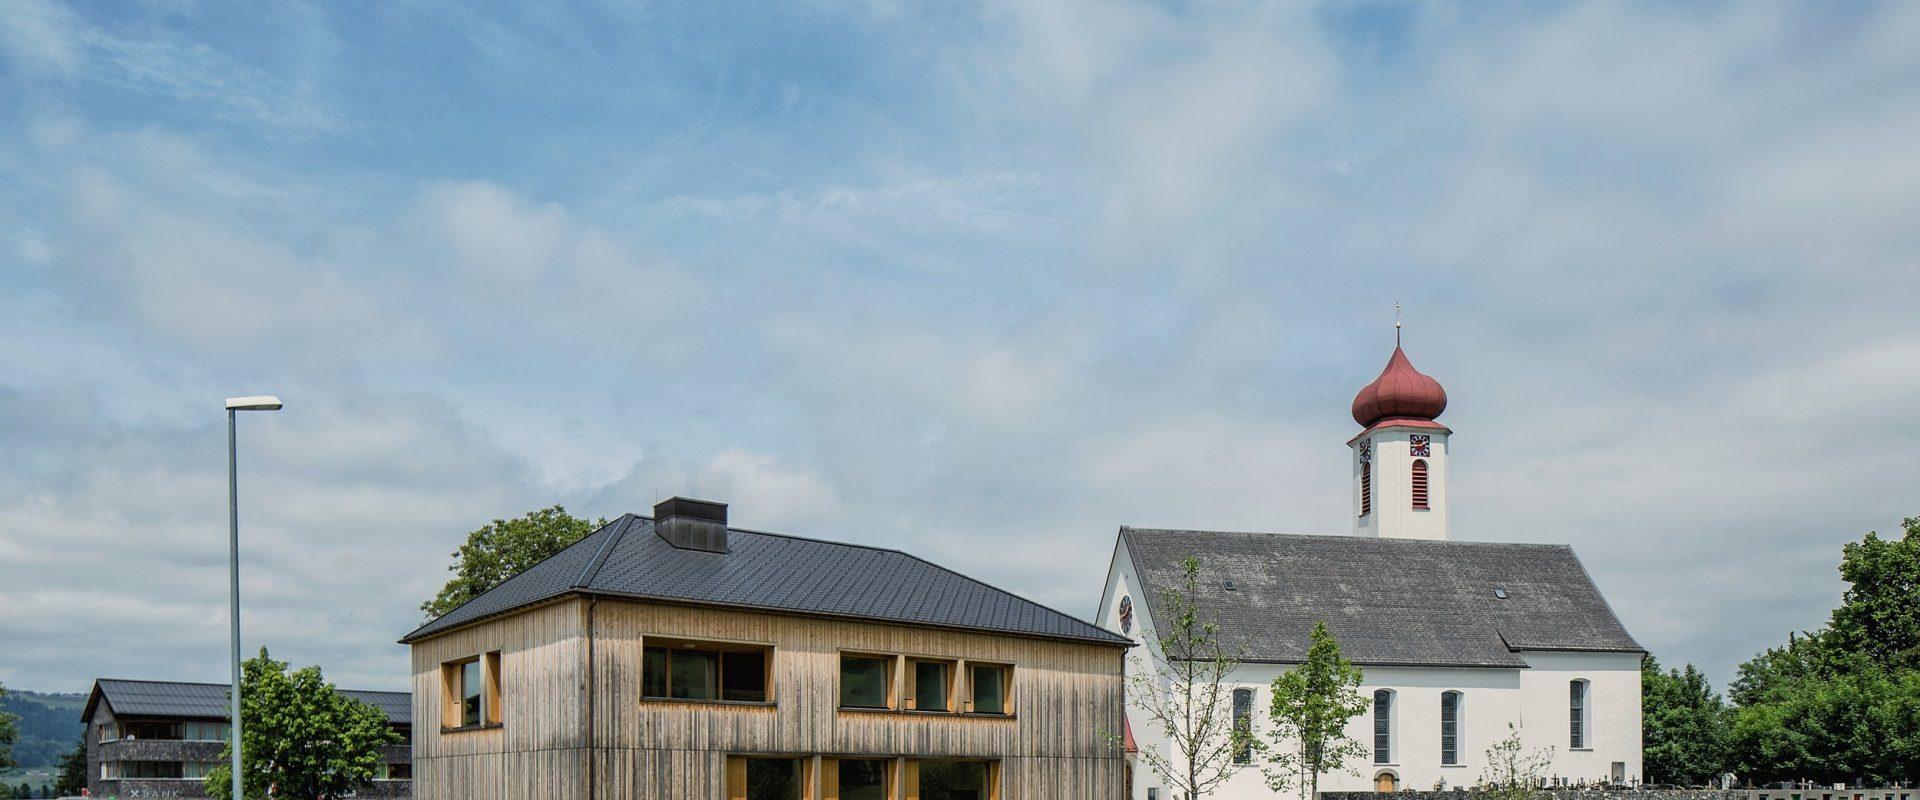 Krumbach im Bregenzerwald © Markus Gmeiner / Energieinstitut Vorarlberg